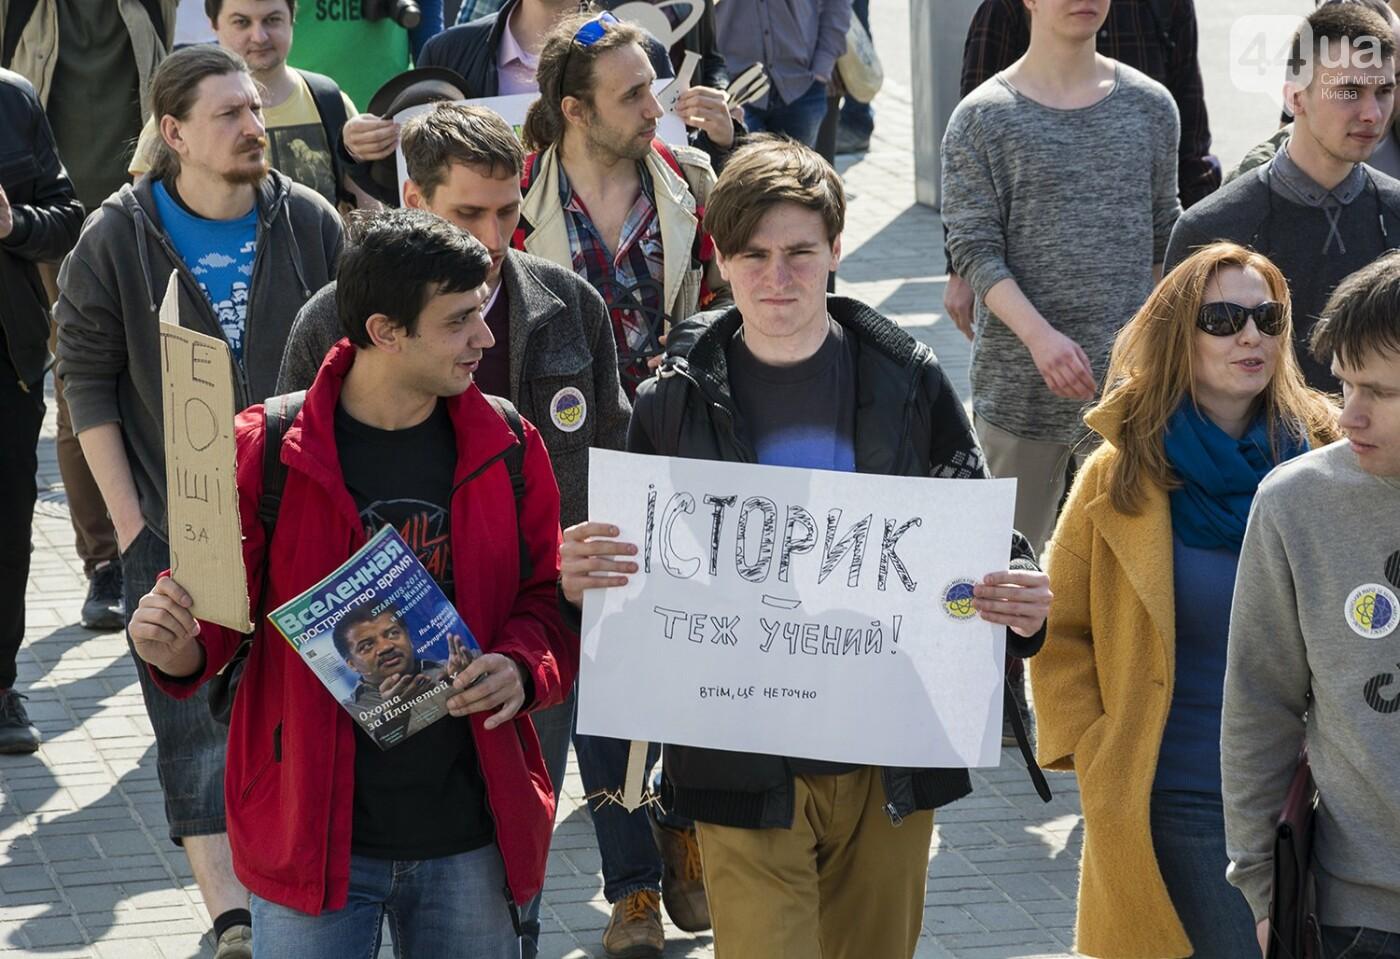 Ученые против мракобесия: в Киеве прошел марш за науку, фото-23